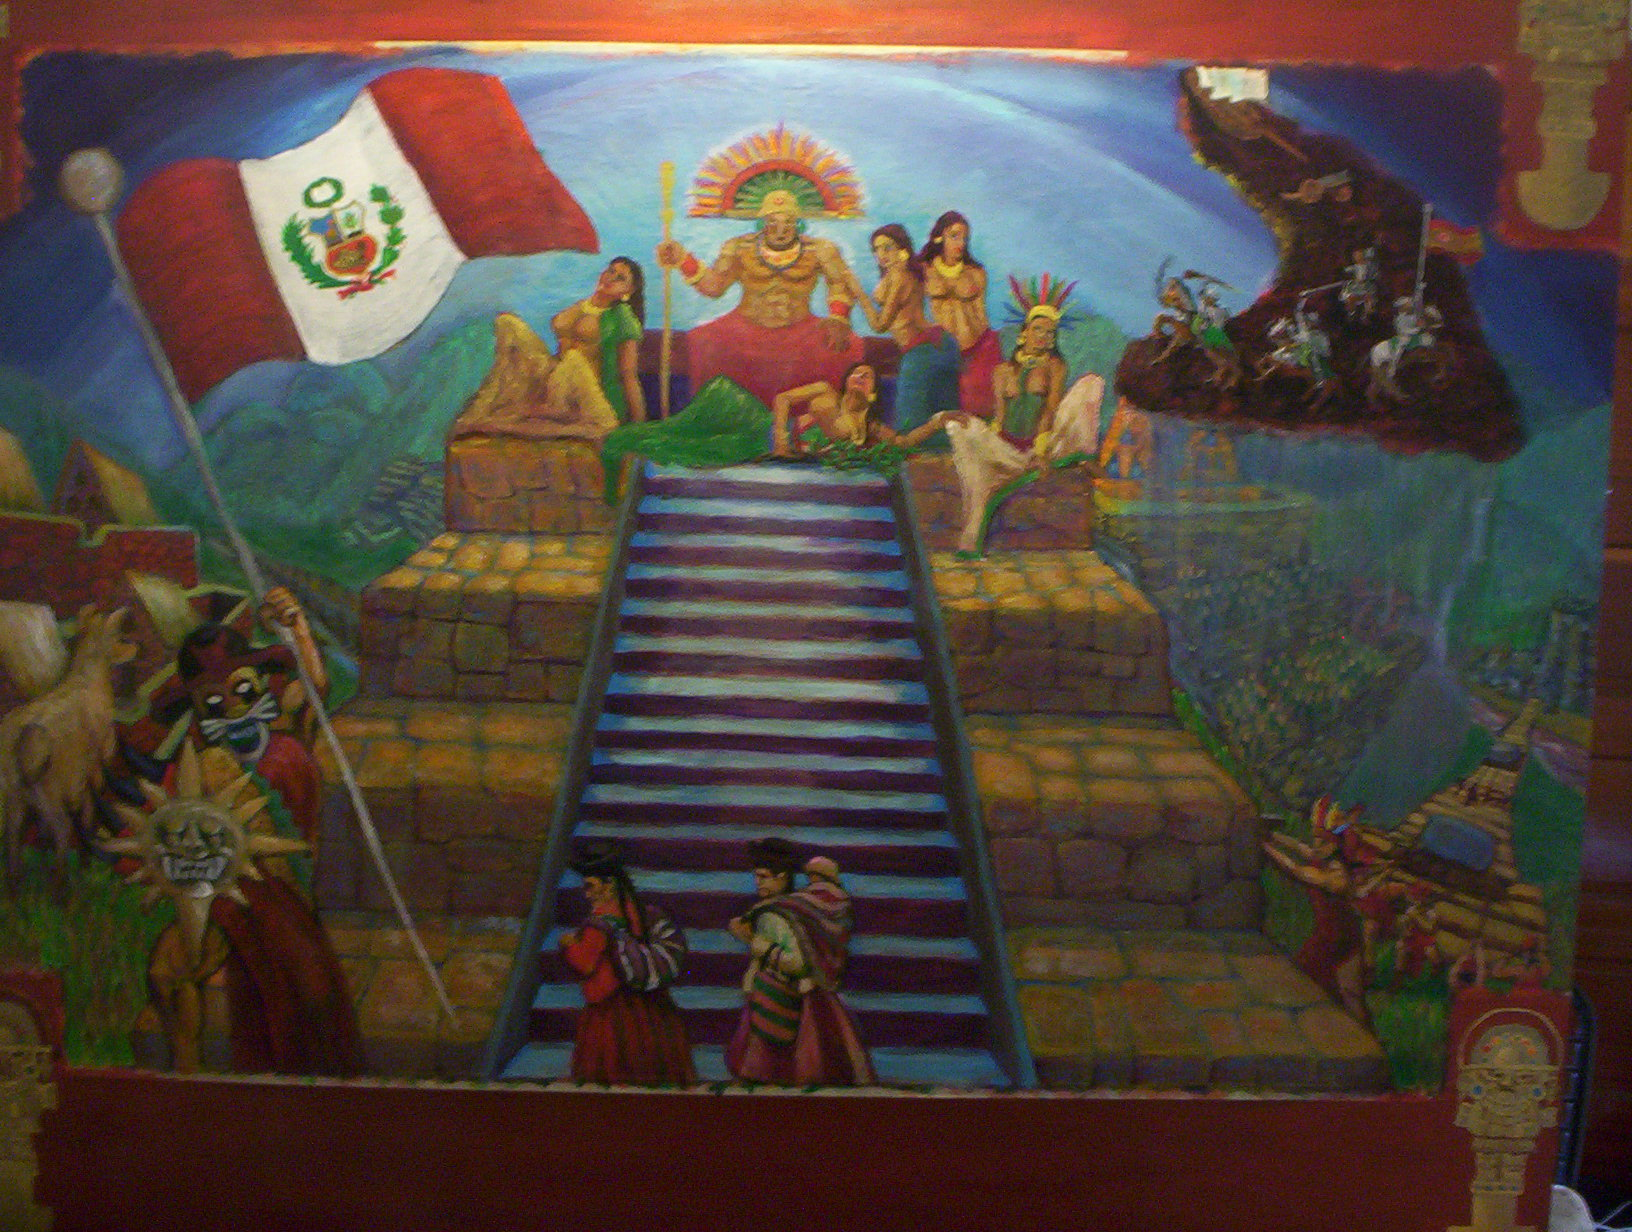 Incan Emperor and his Kingdom